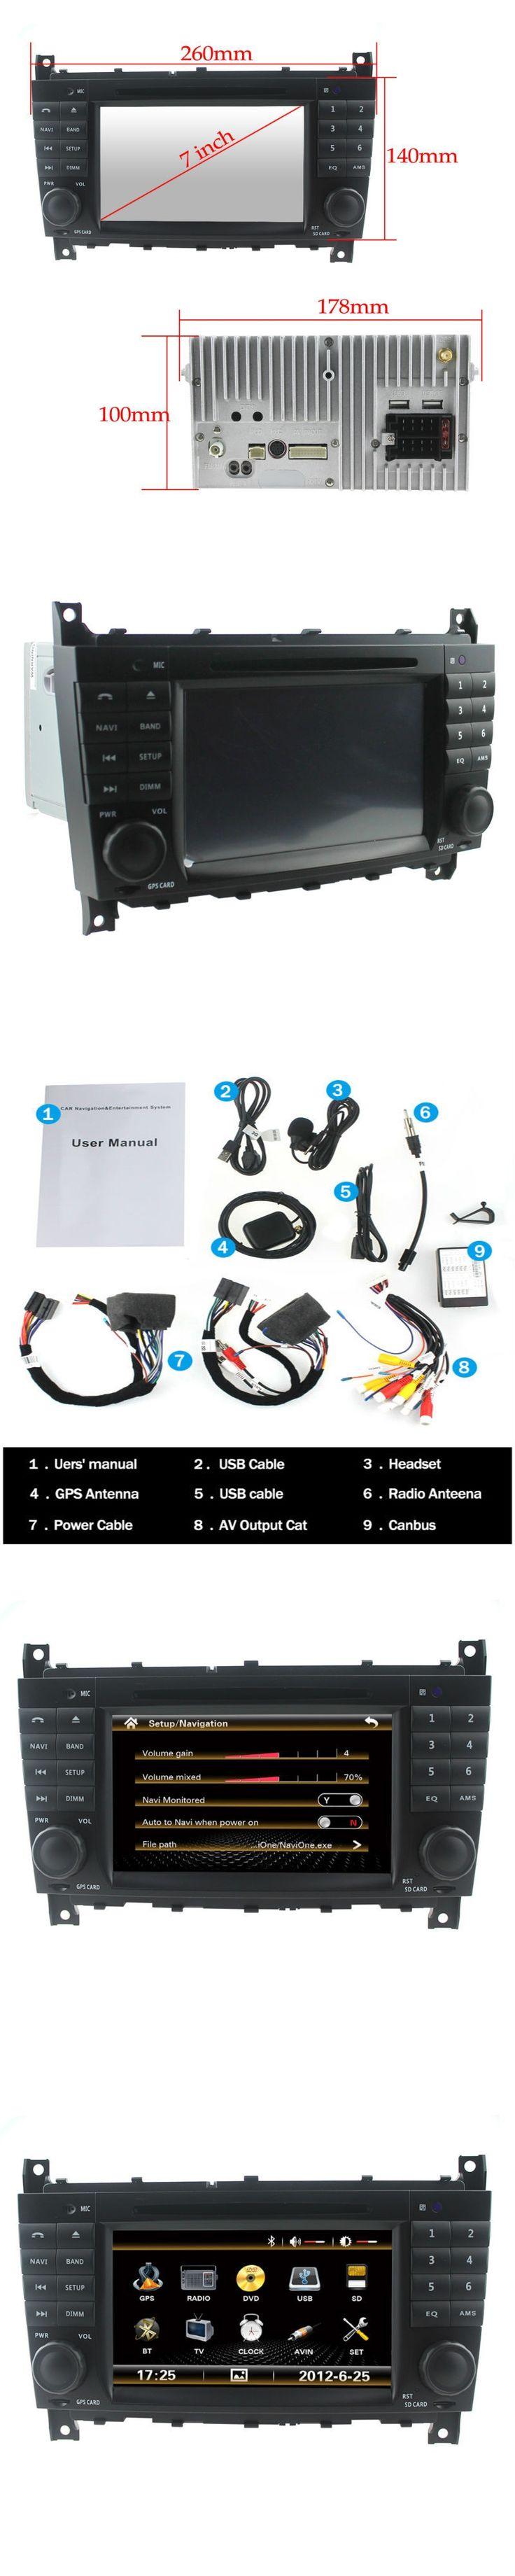 For HD Car DVD for Mercedes C Class W203 2004-2007 c200 C230 C240 C320 C350 CLK W209 2005 headunit GPS Radio Steering wheel 3G